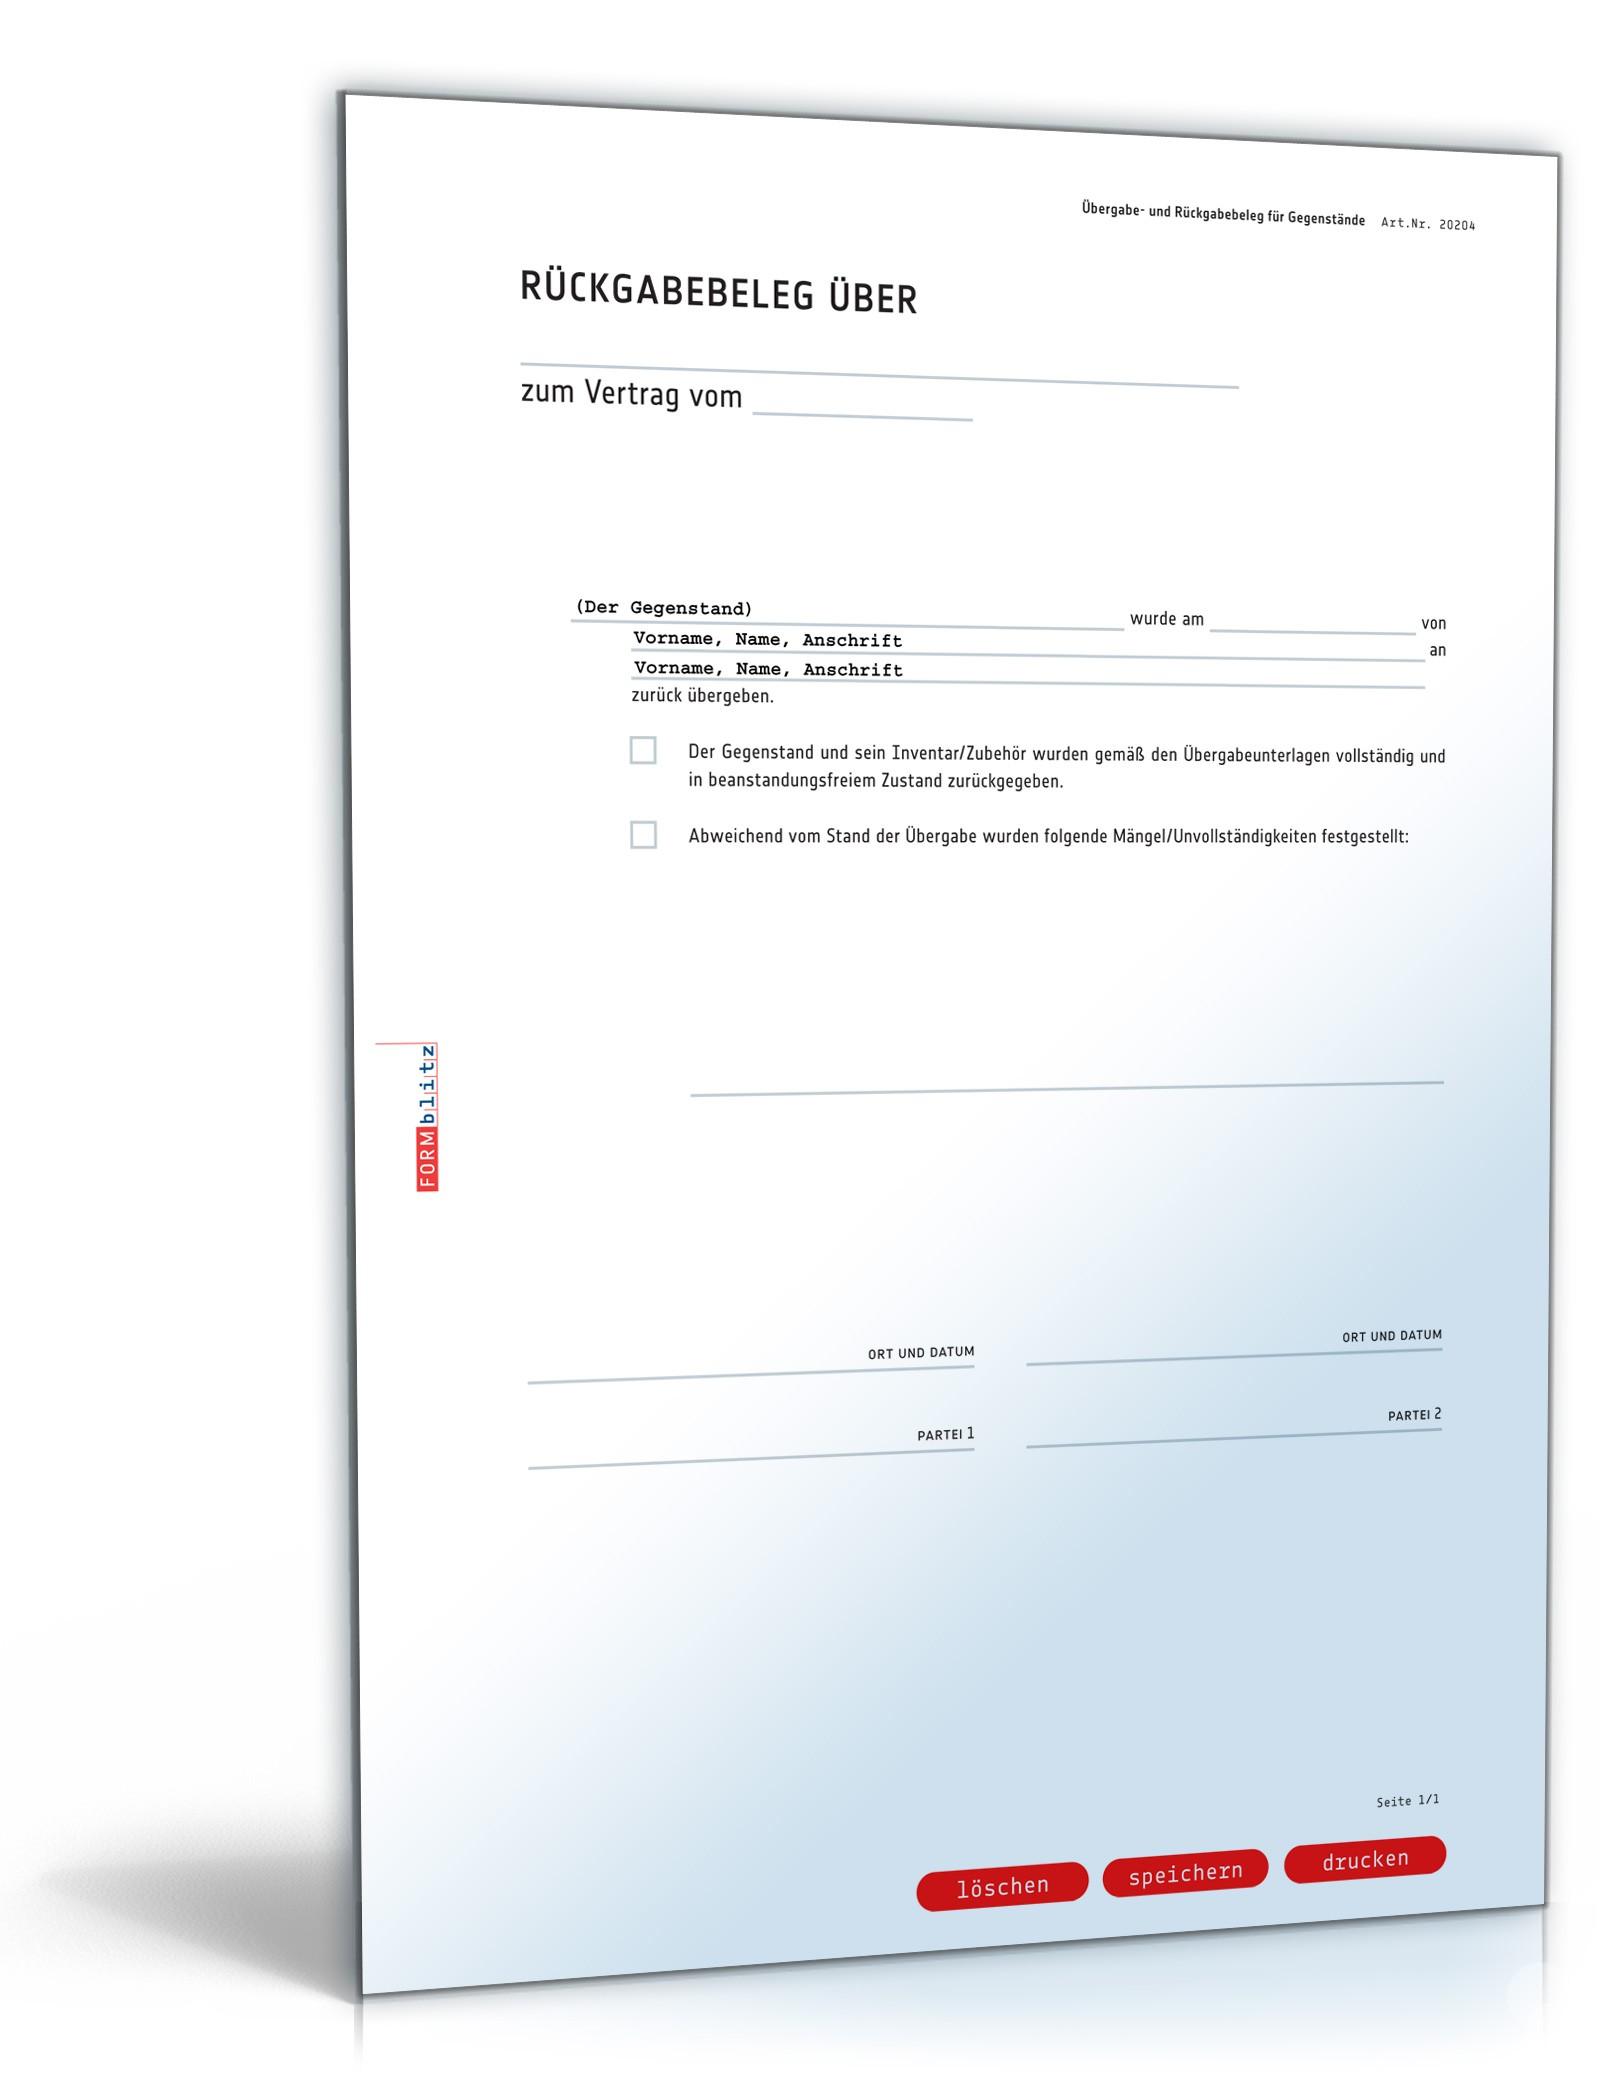 Übergabebeleg | Rückgabebeleg für Gegenstände zum Download